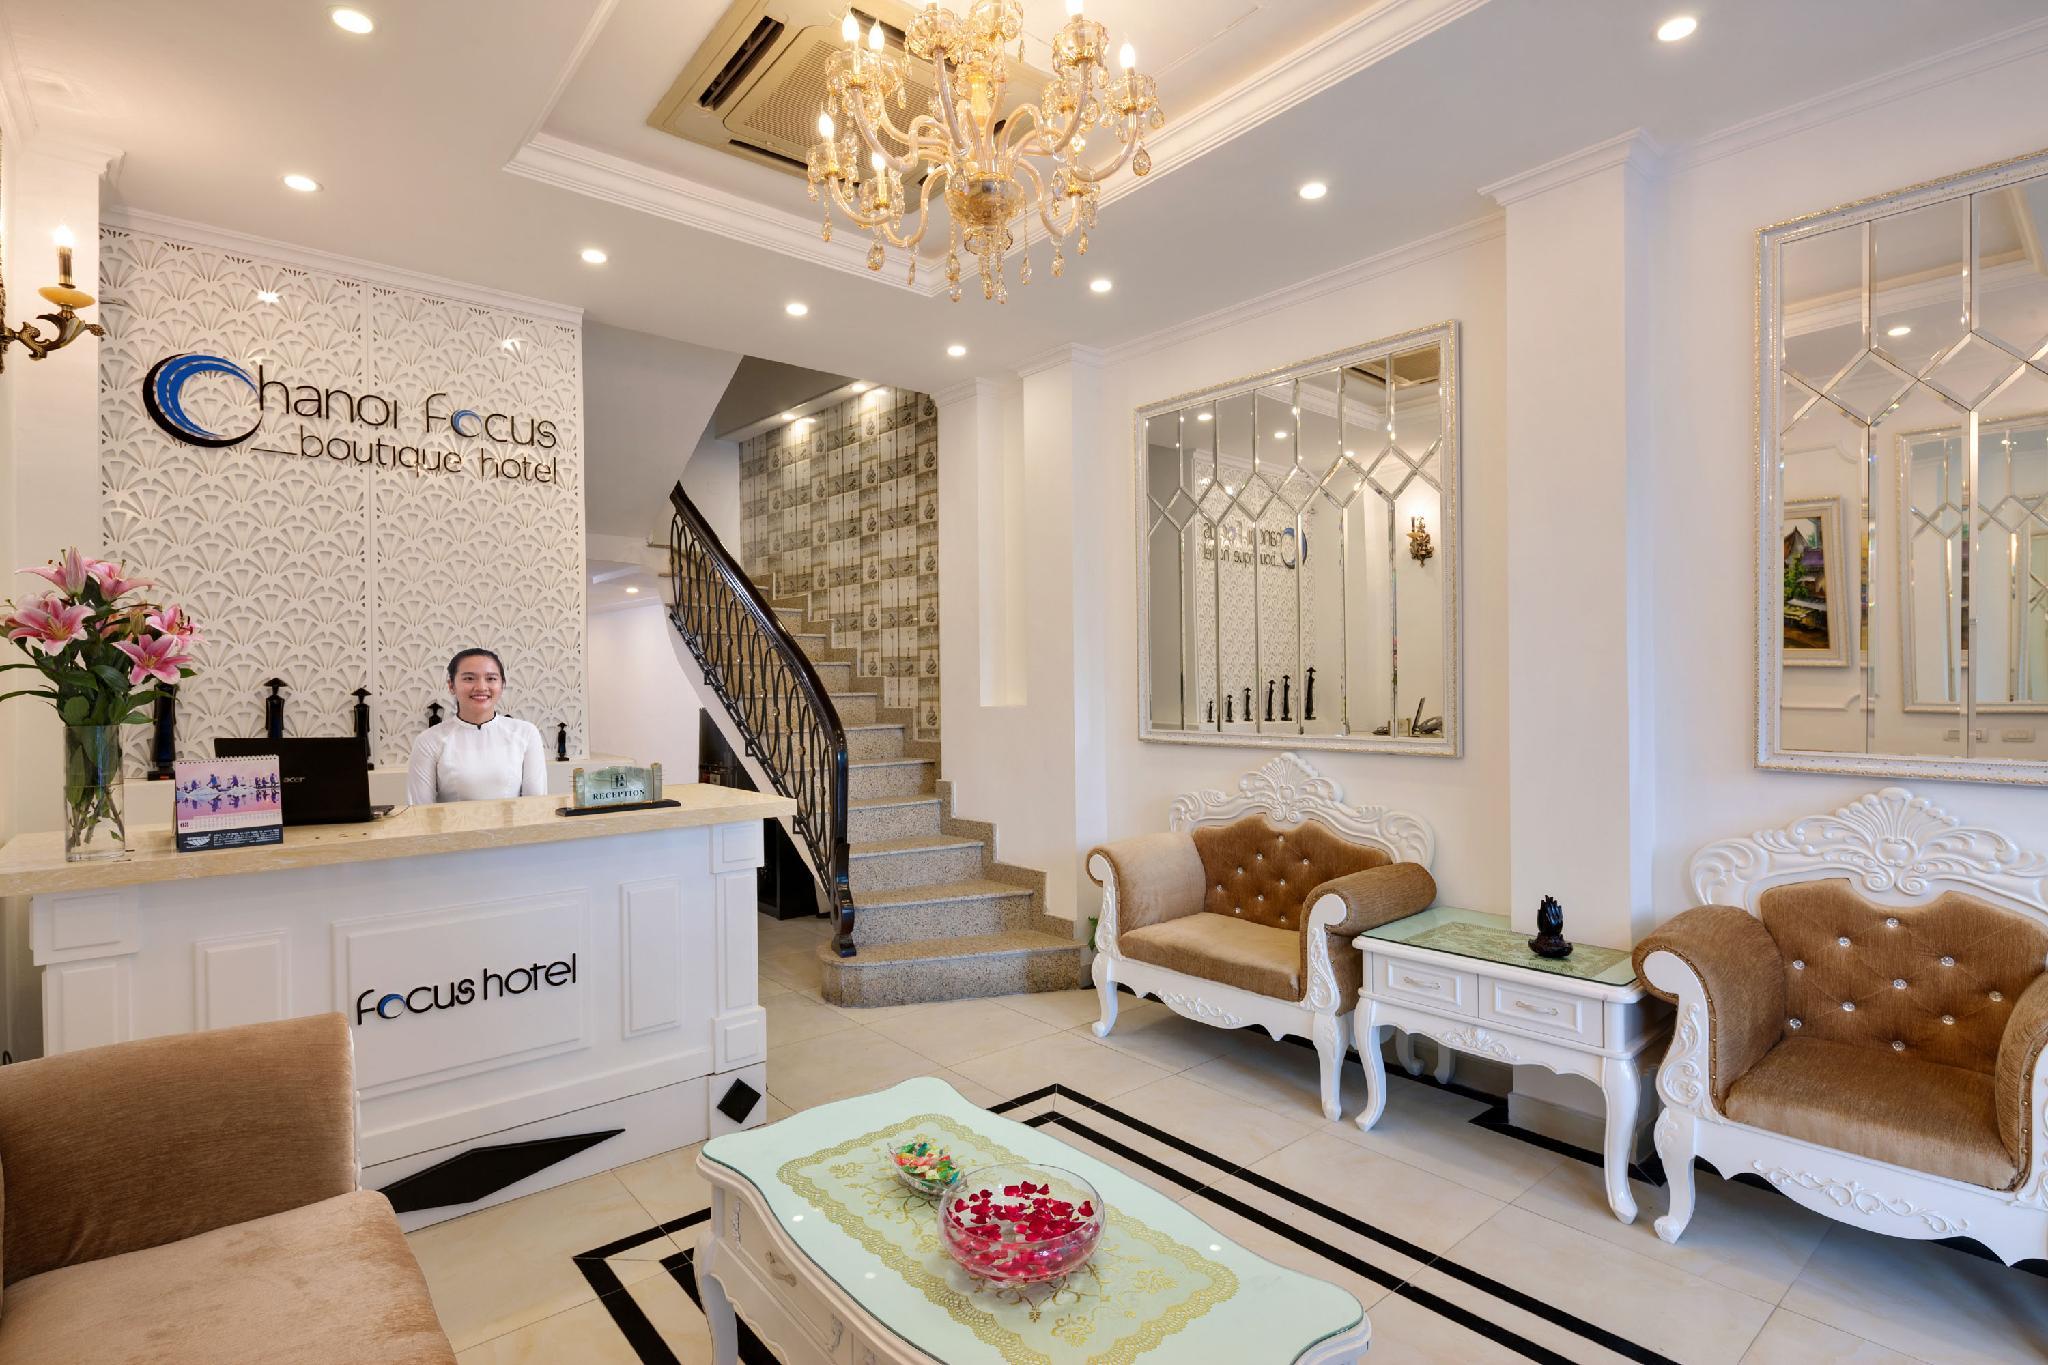 Hanoi Focus Boutique Hotel